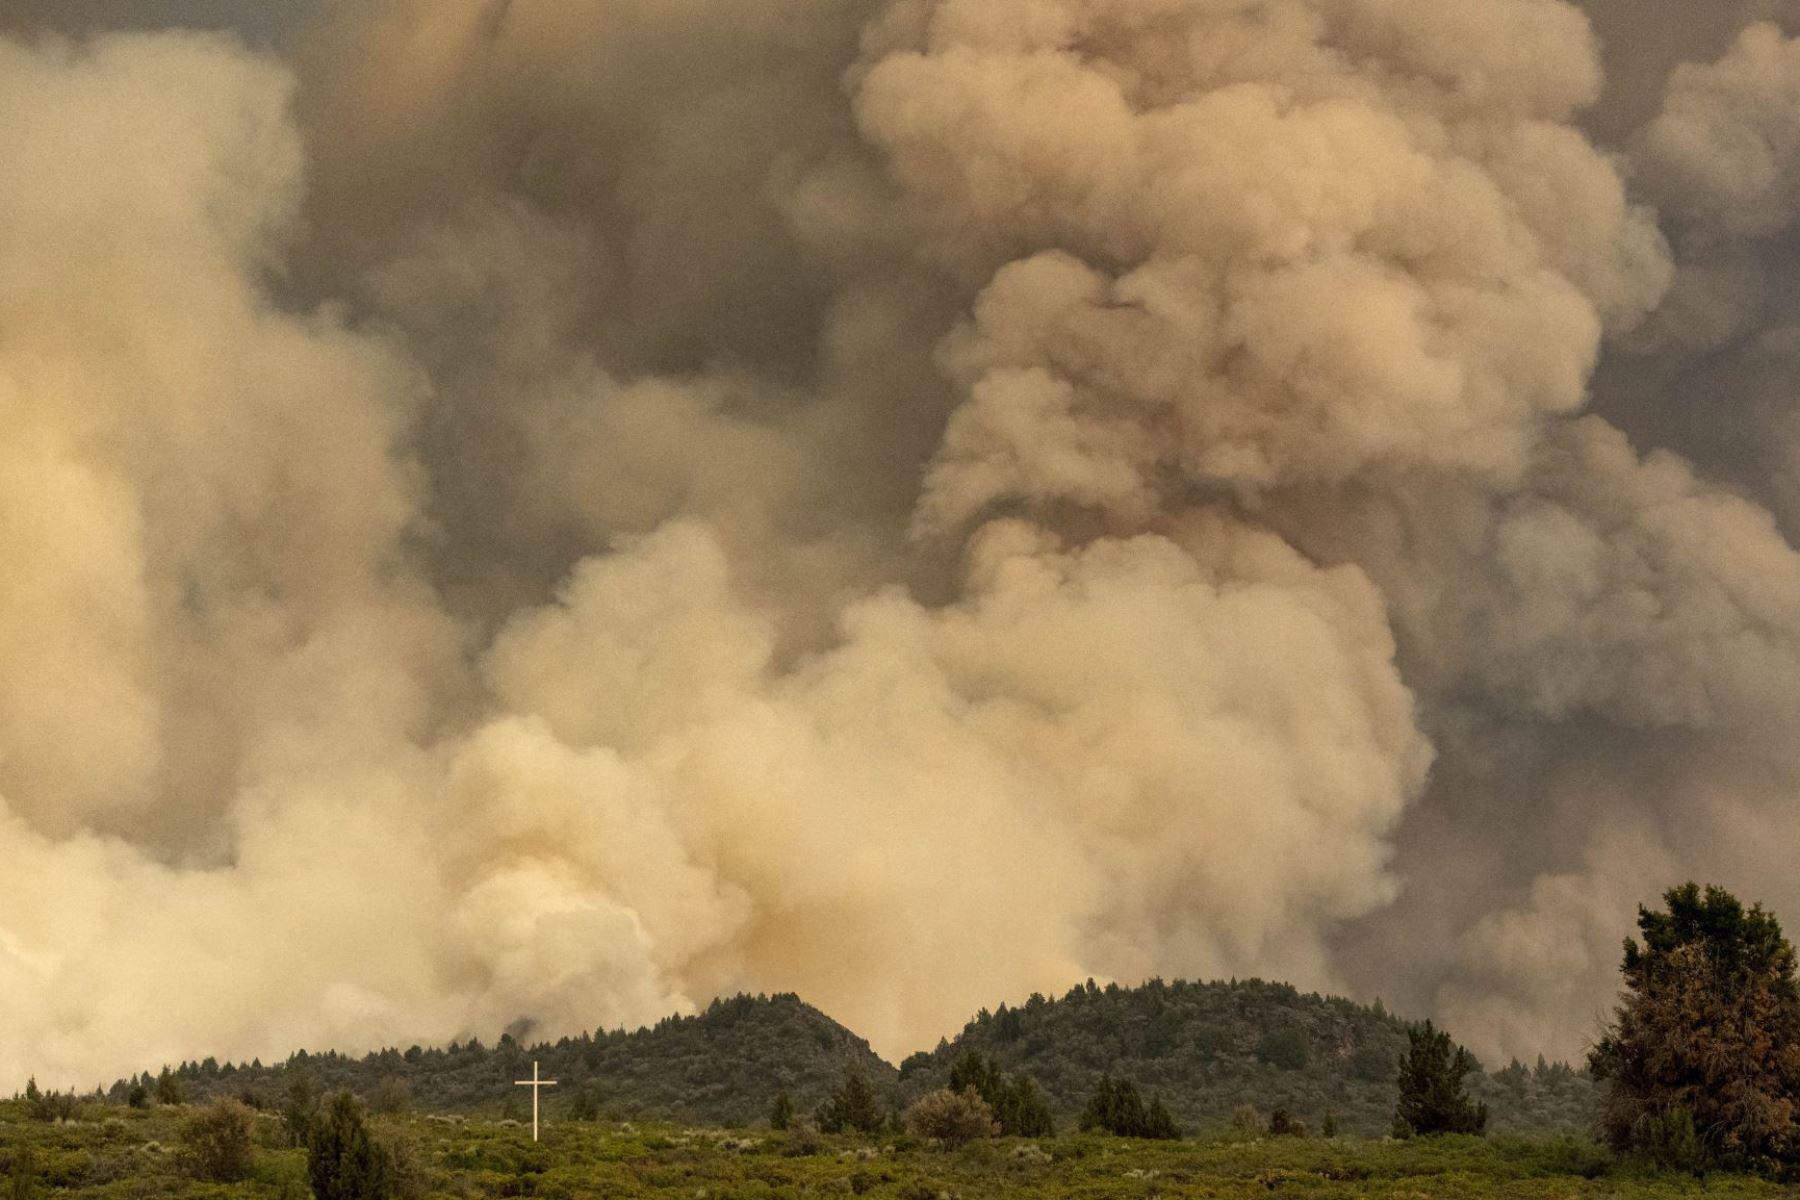 Es probable que la situación empeore durante el fin de semana, a pesar de la movilización de casi 2.000 bomberos. Foto: AFP